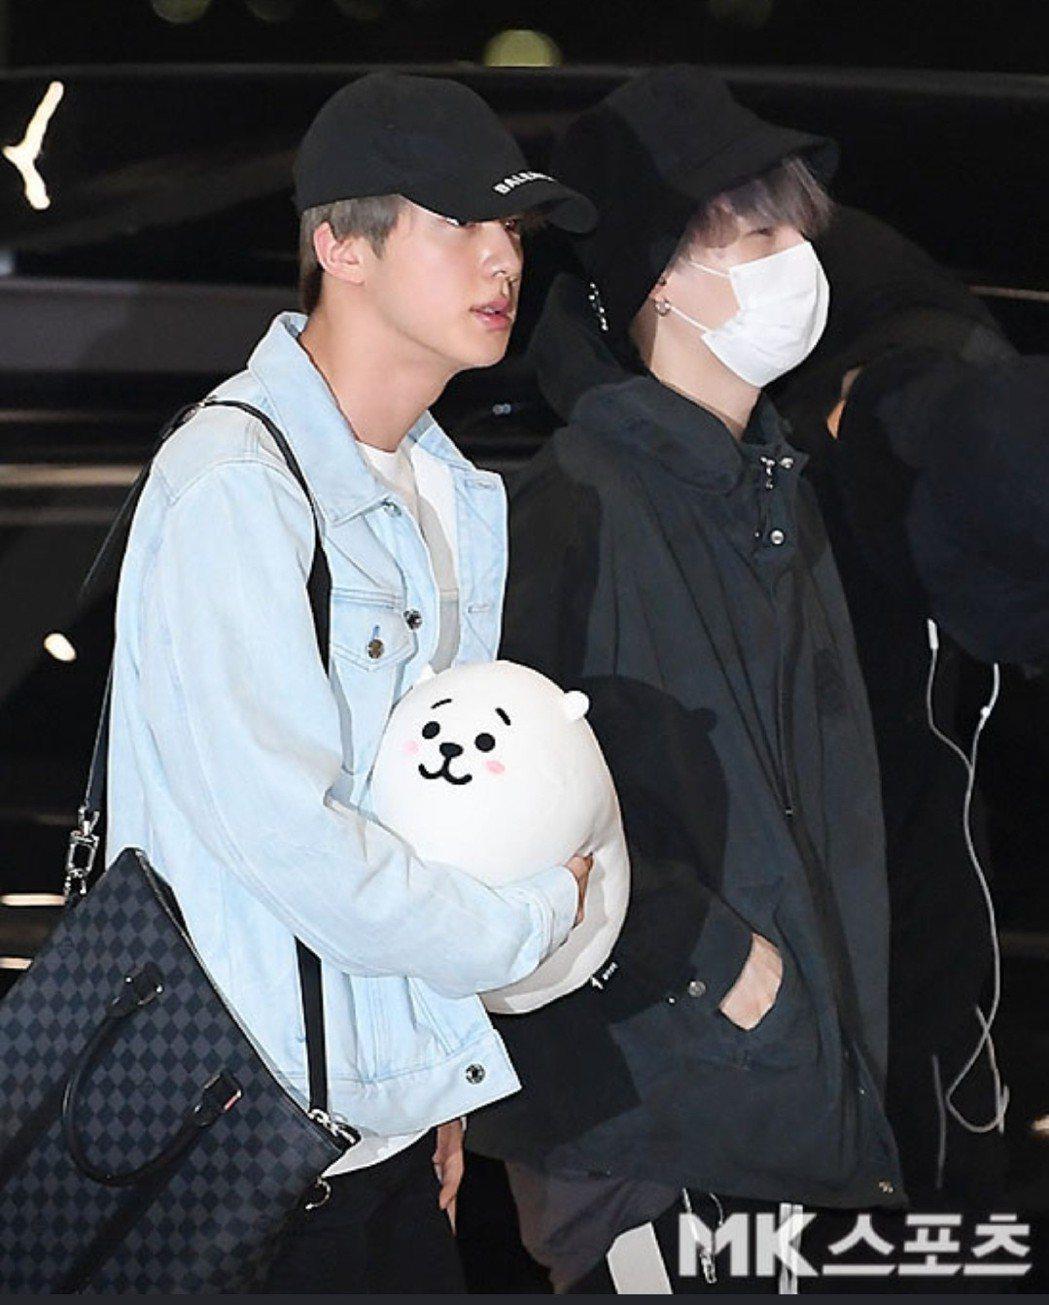 Jin帶著抱枕相當吸睛。圖/摘自日刊體育